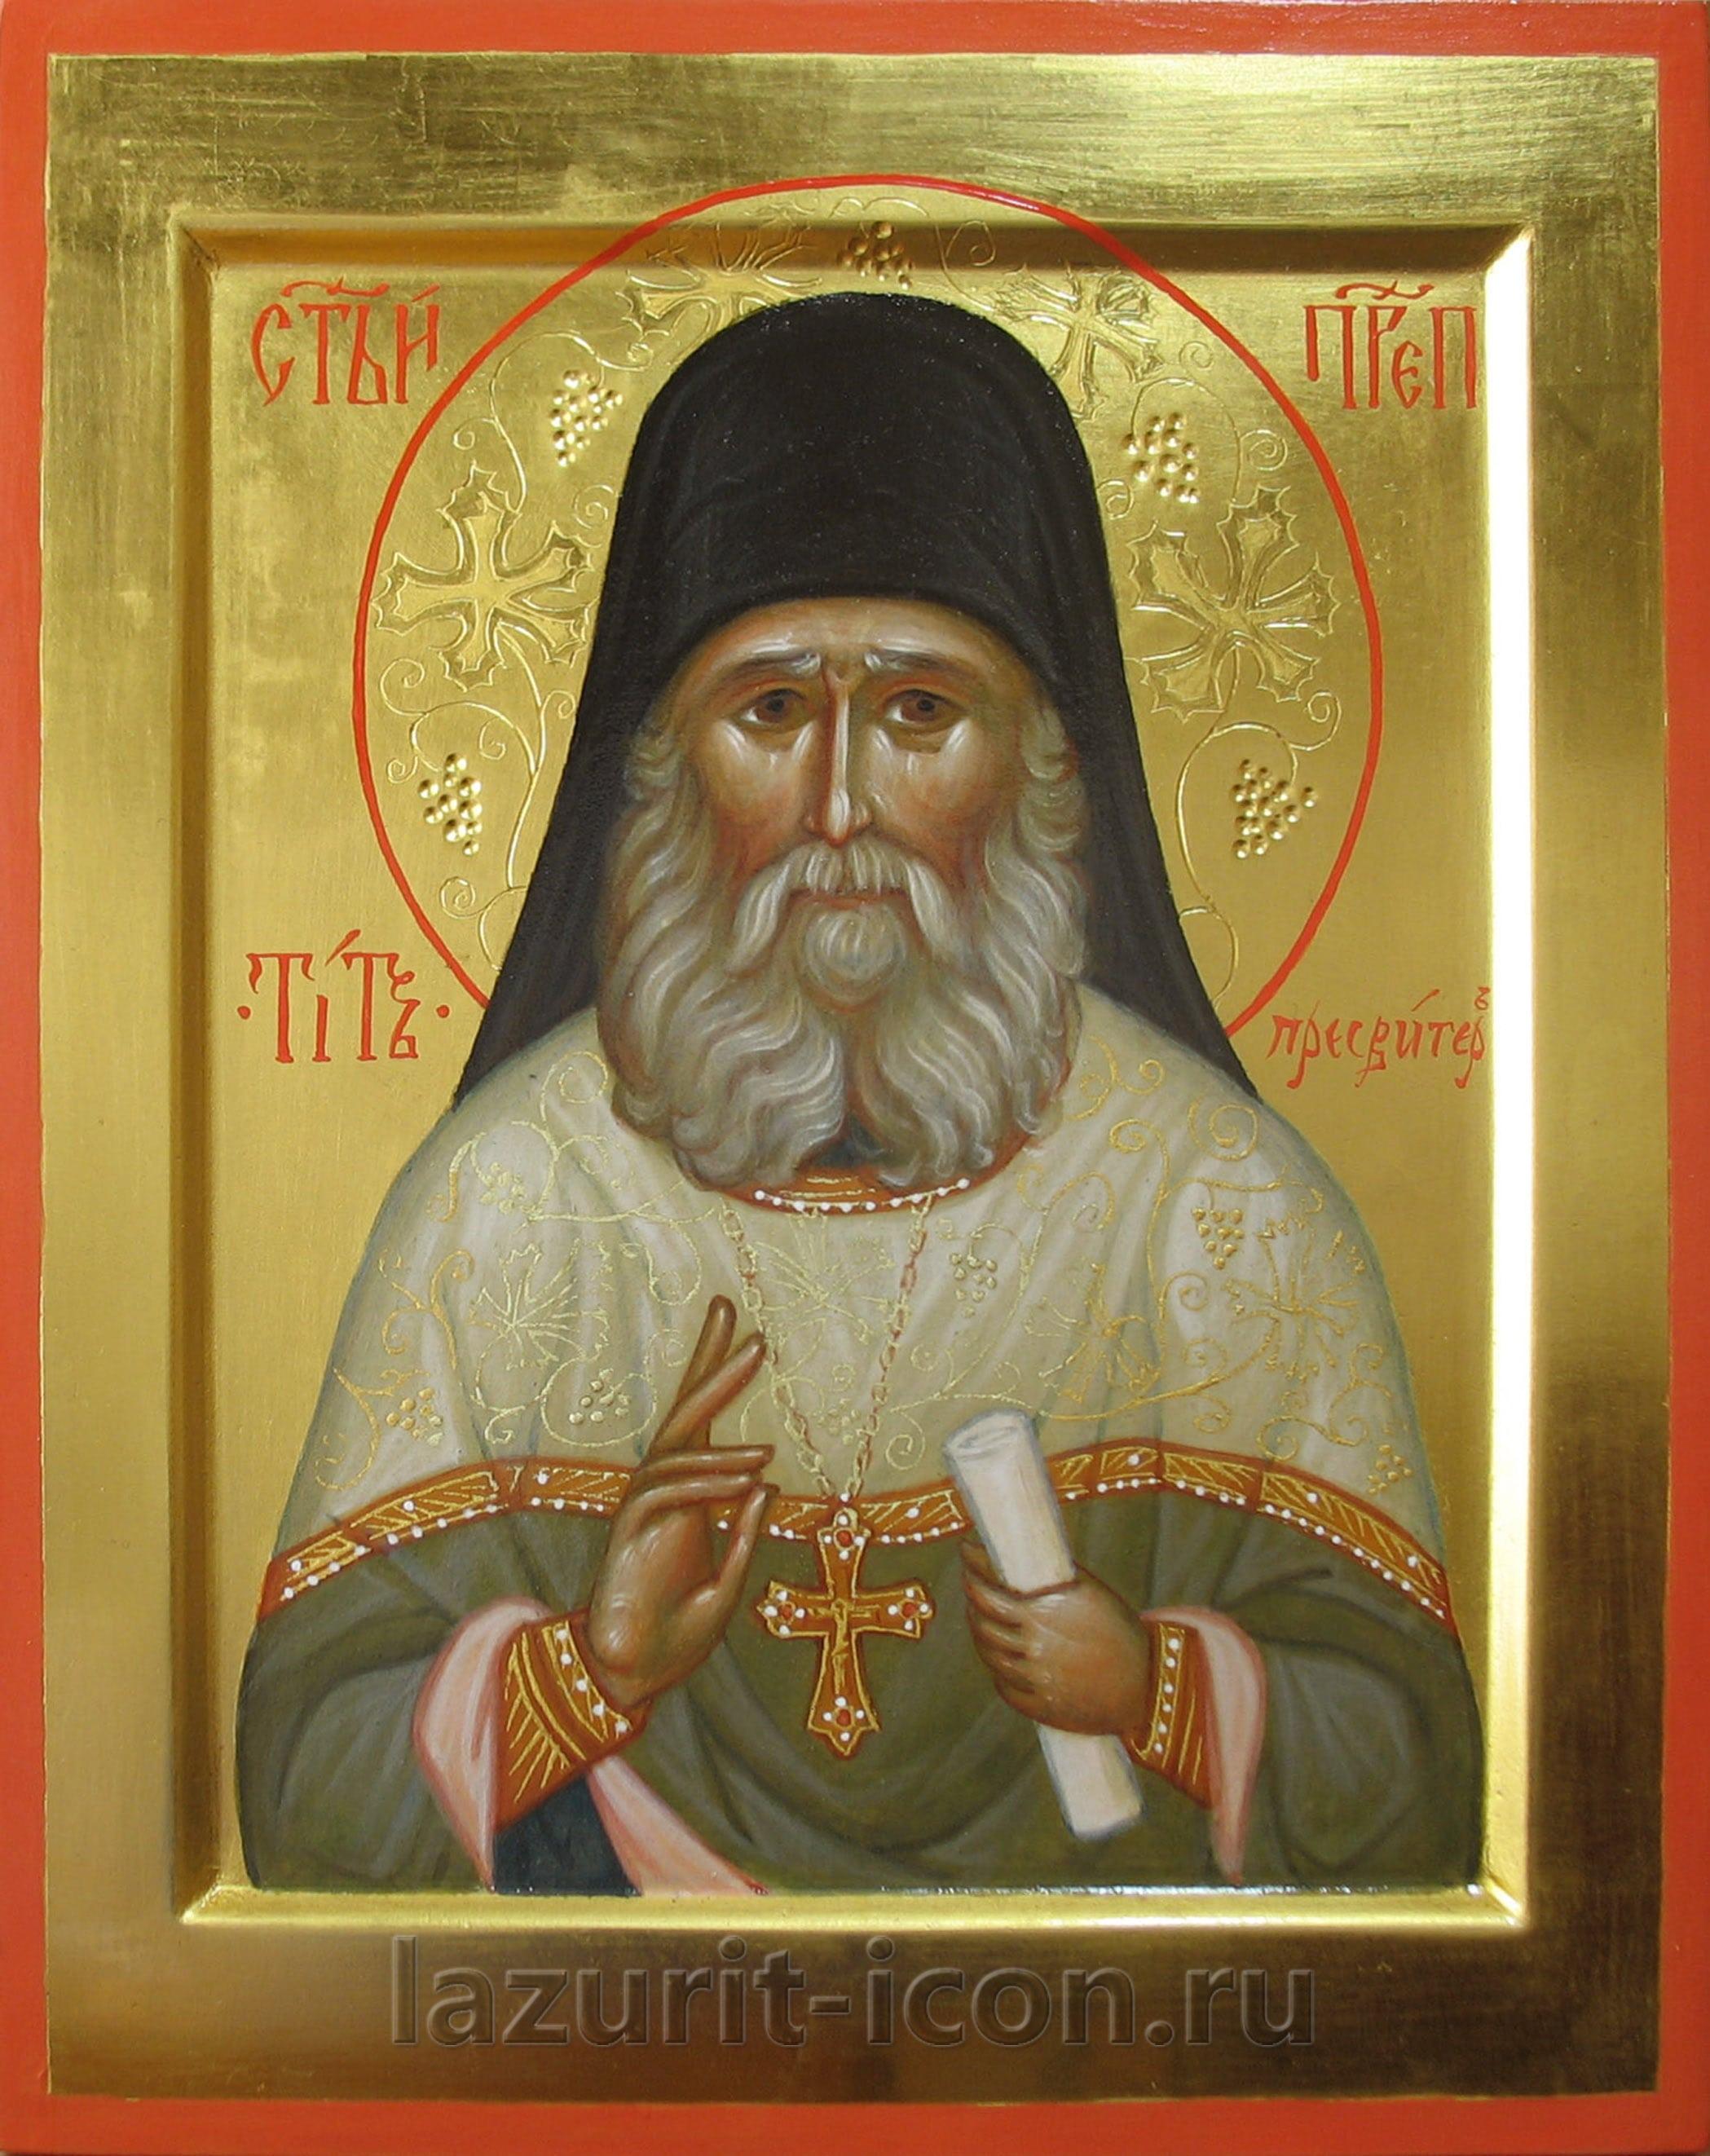 преподобный Тит пресвитер